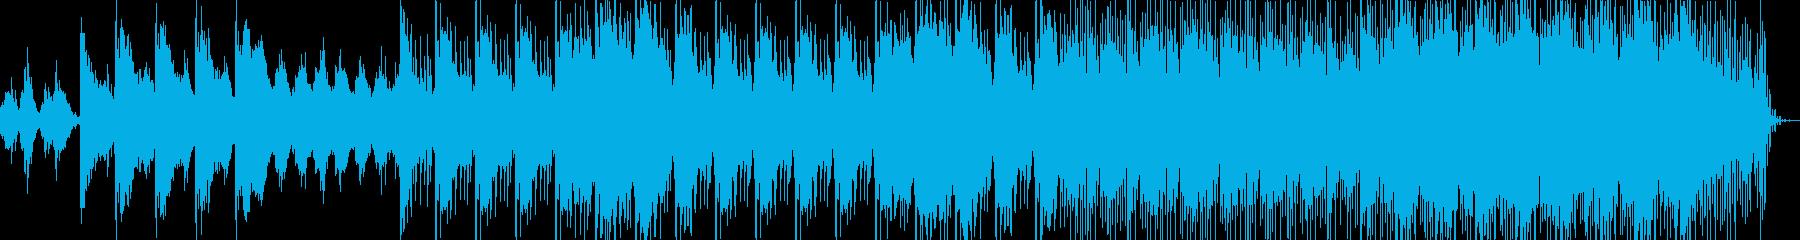 幻想的な楽曲 日本的な音楽の再生済みの波形